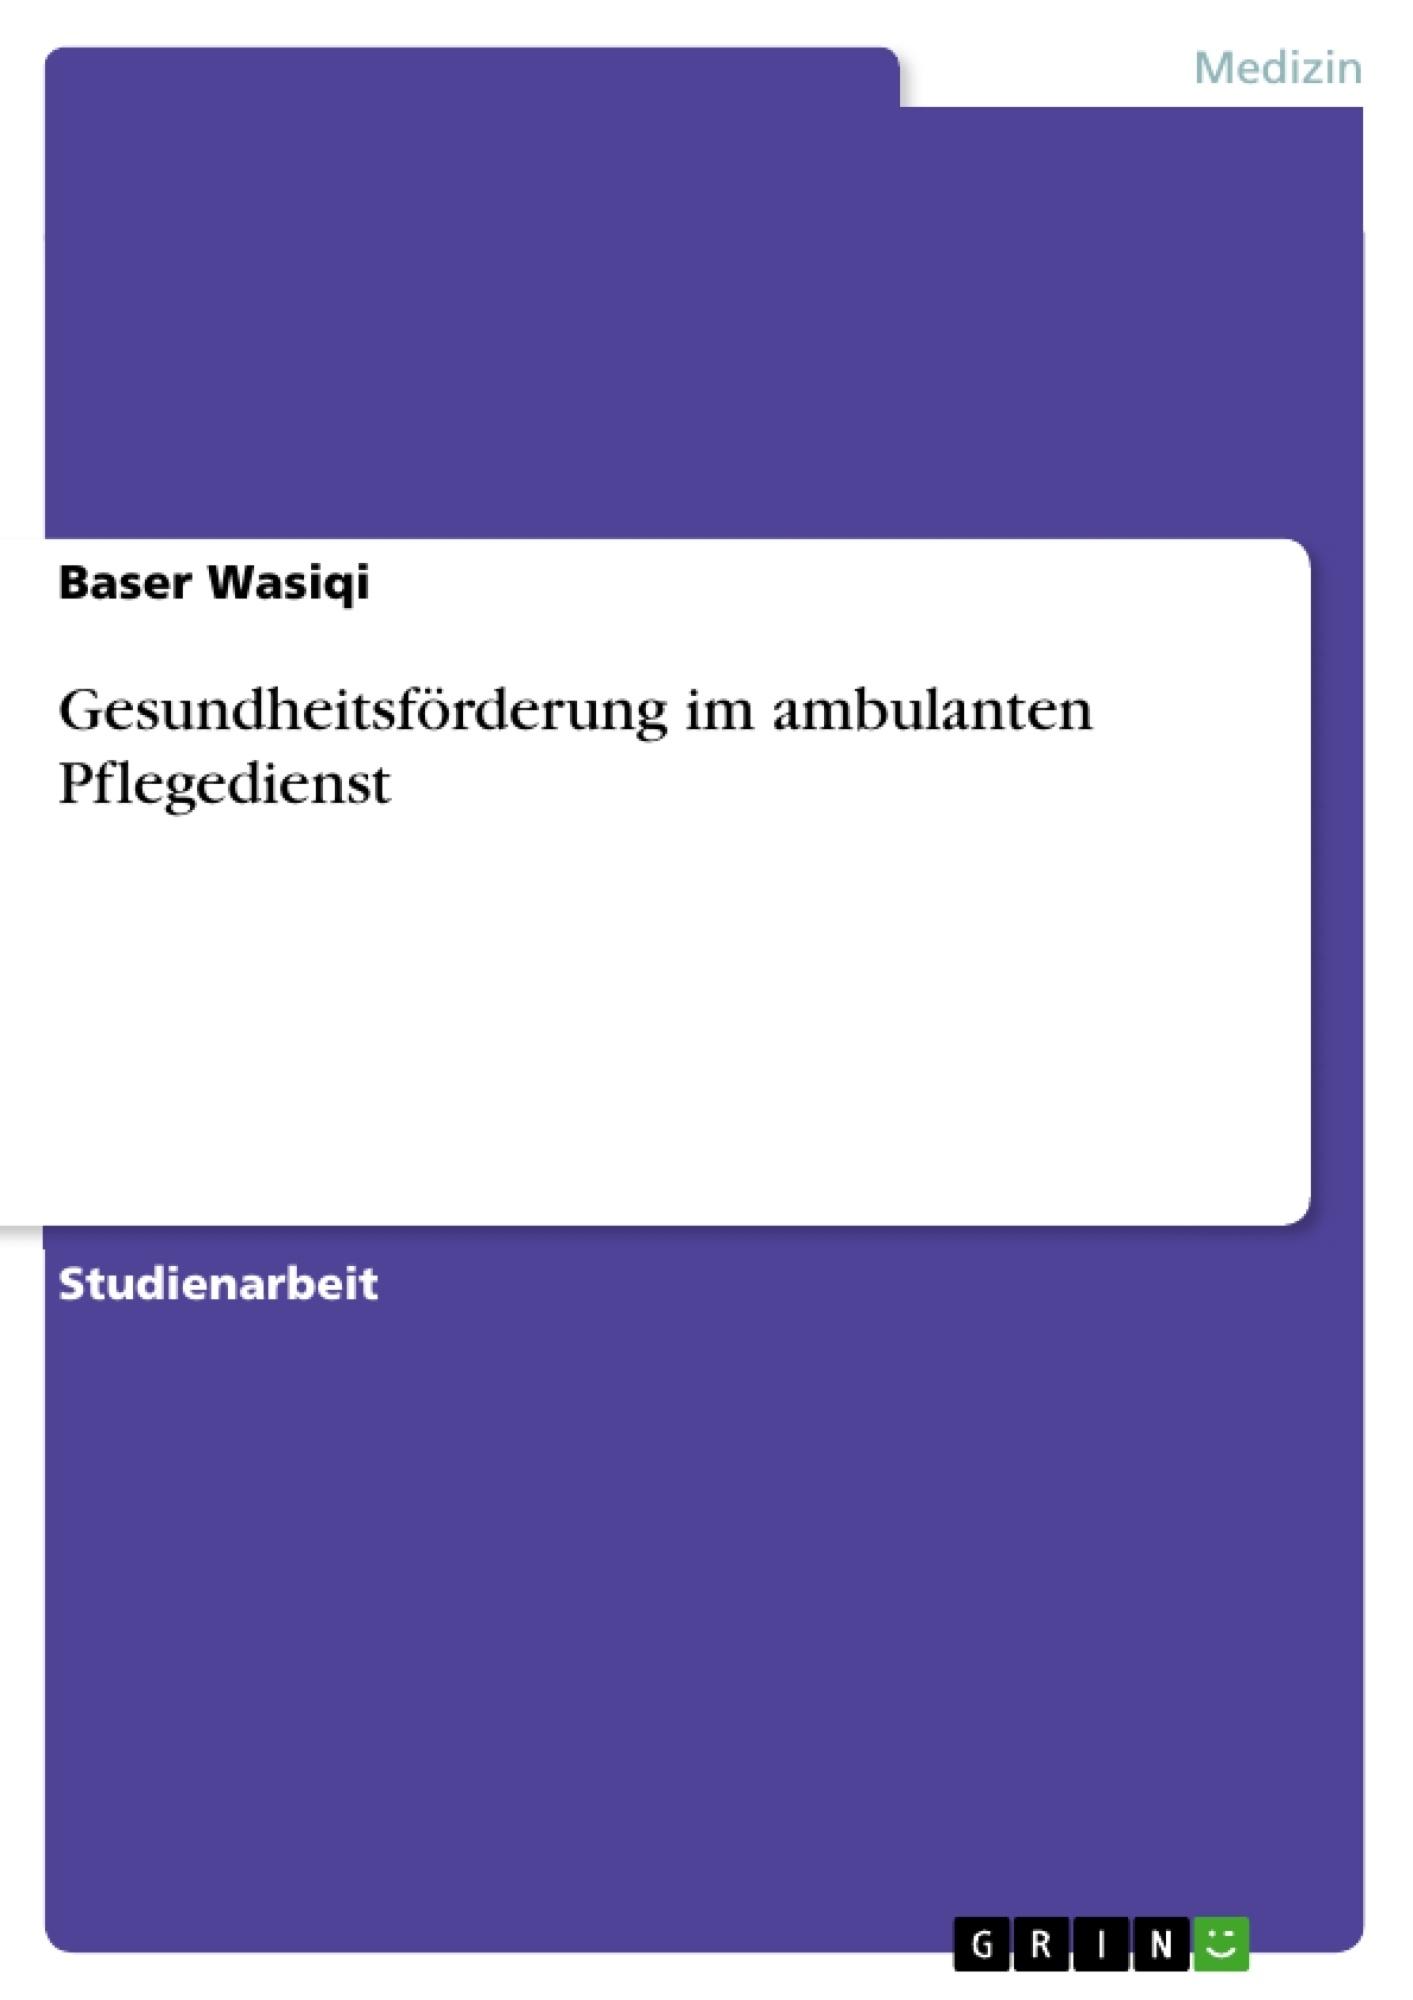 Titel: Gesundheitsförderung im ambulanten Pflegedienst